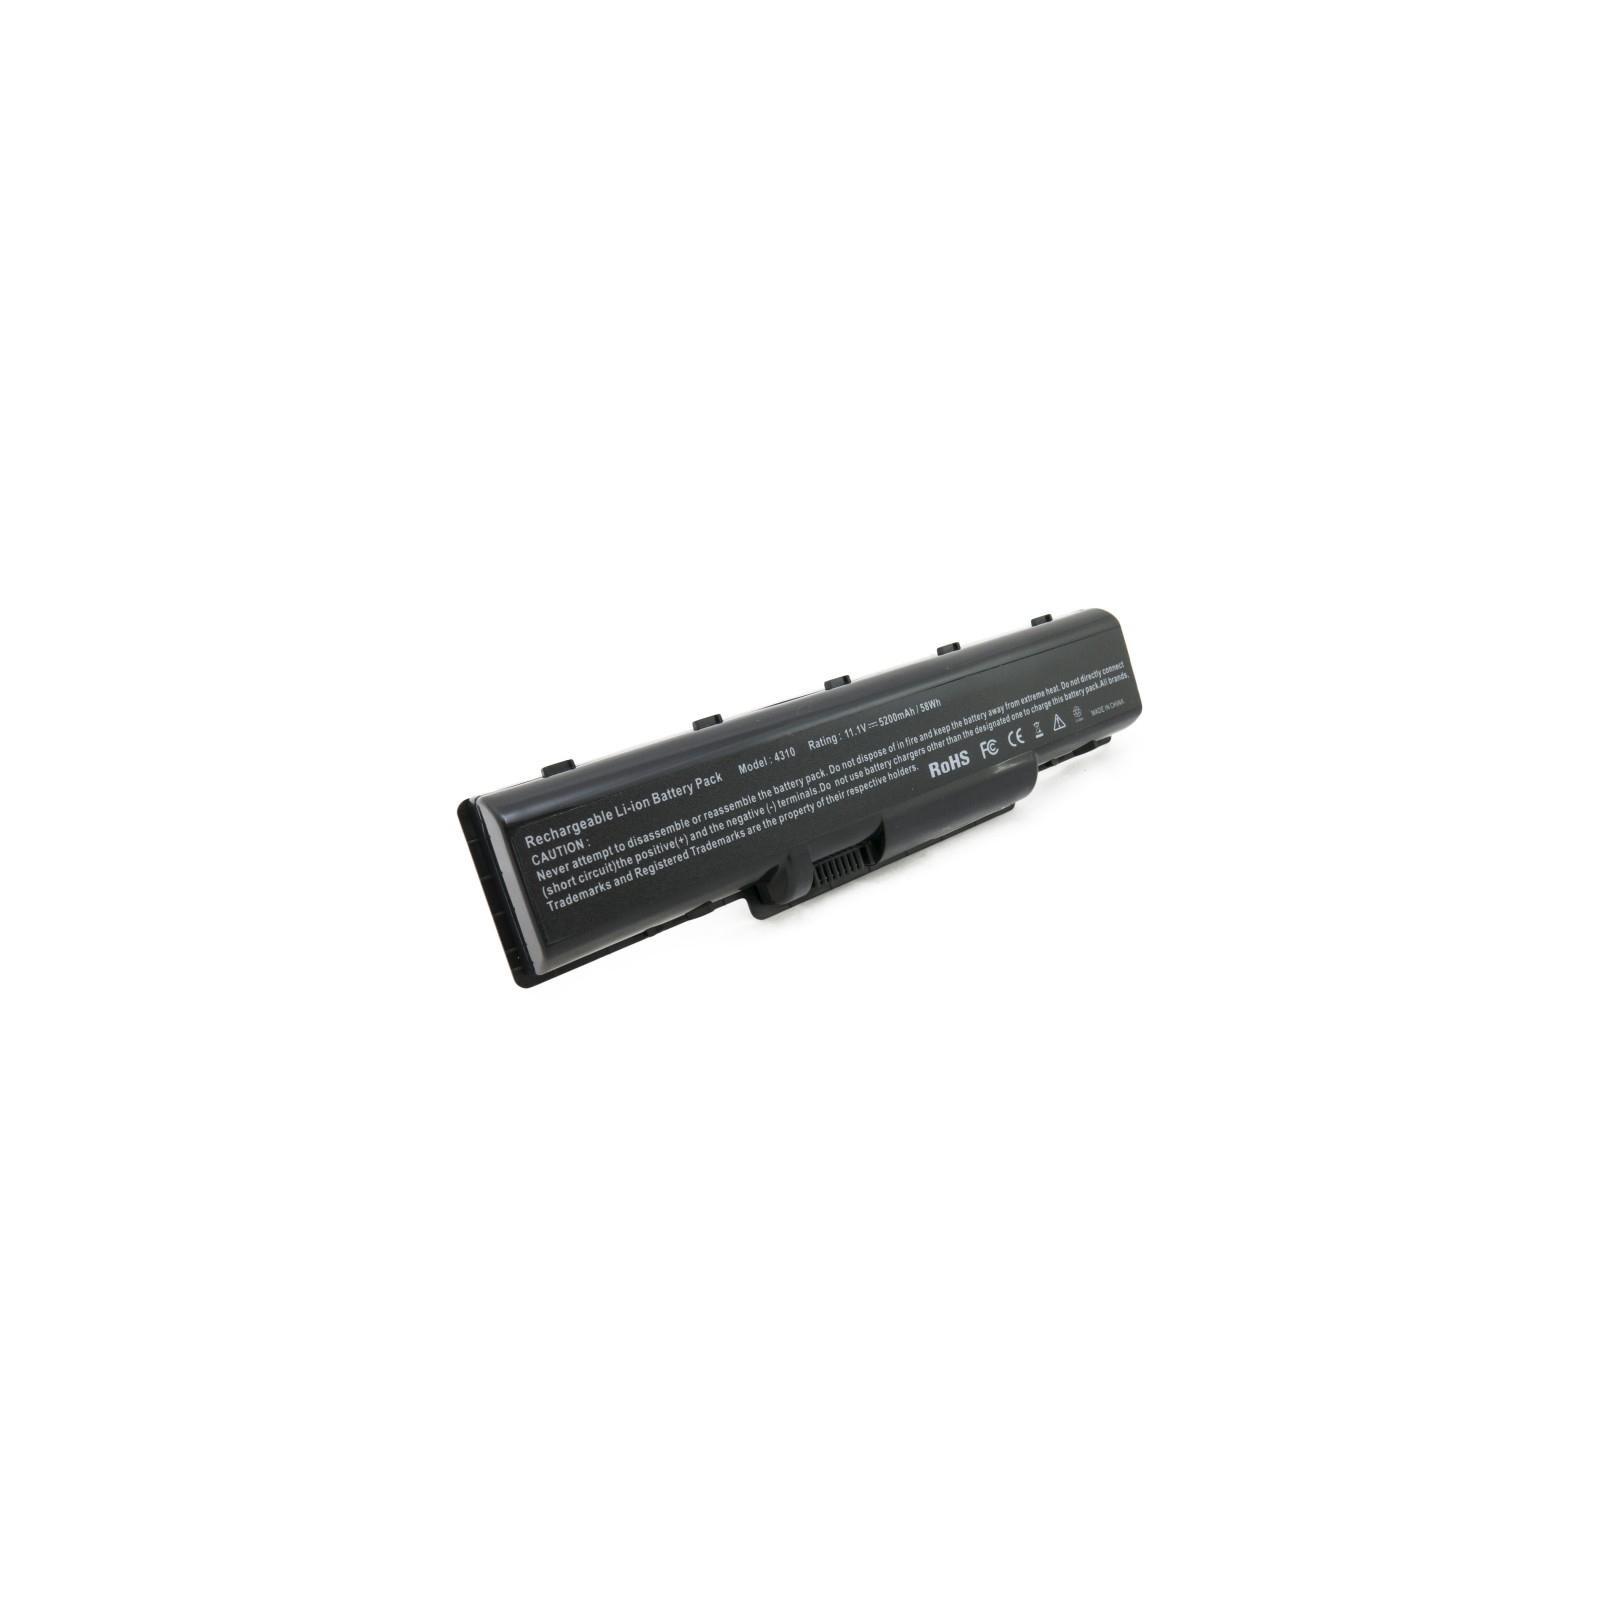 Аккумулятор для ноутбука Acer Aspire 4310 (AS07A41) 5200 mAh EXTRADIGITAL (BNA3906)